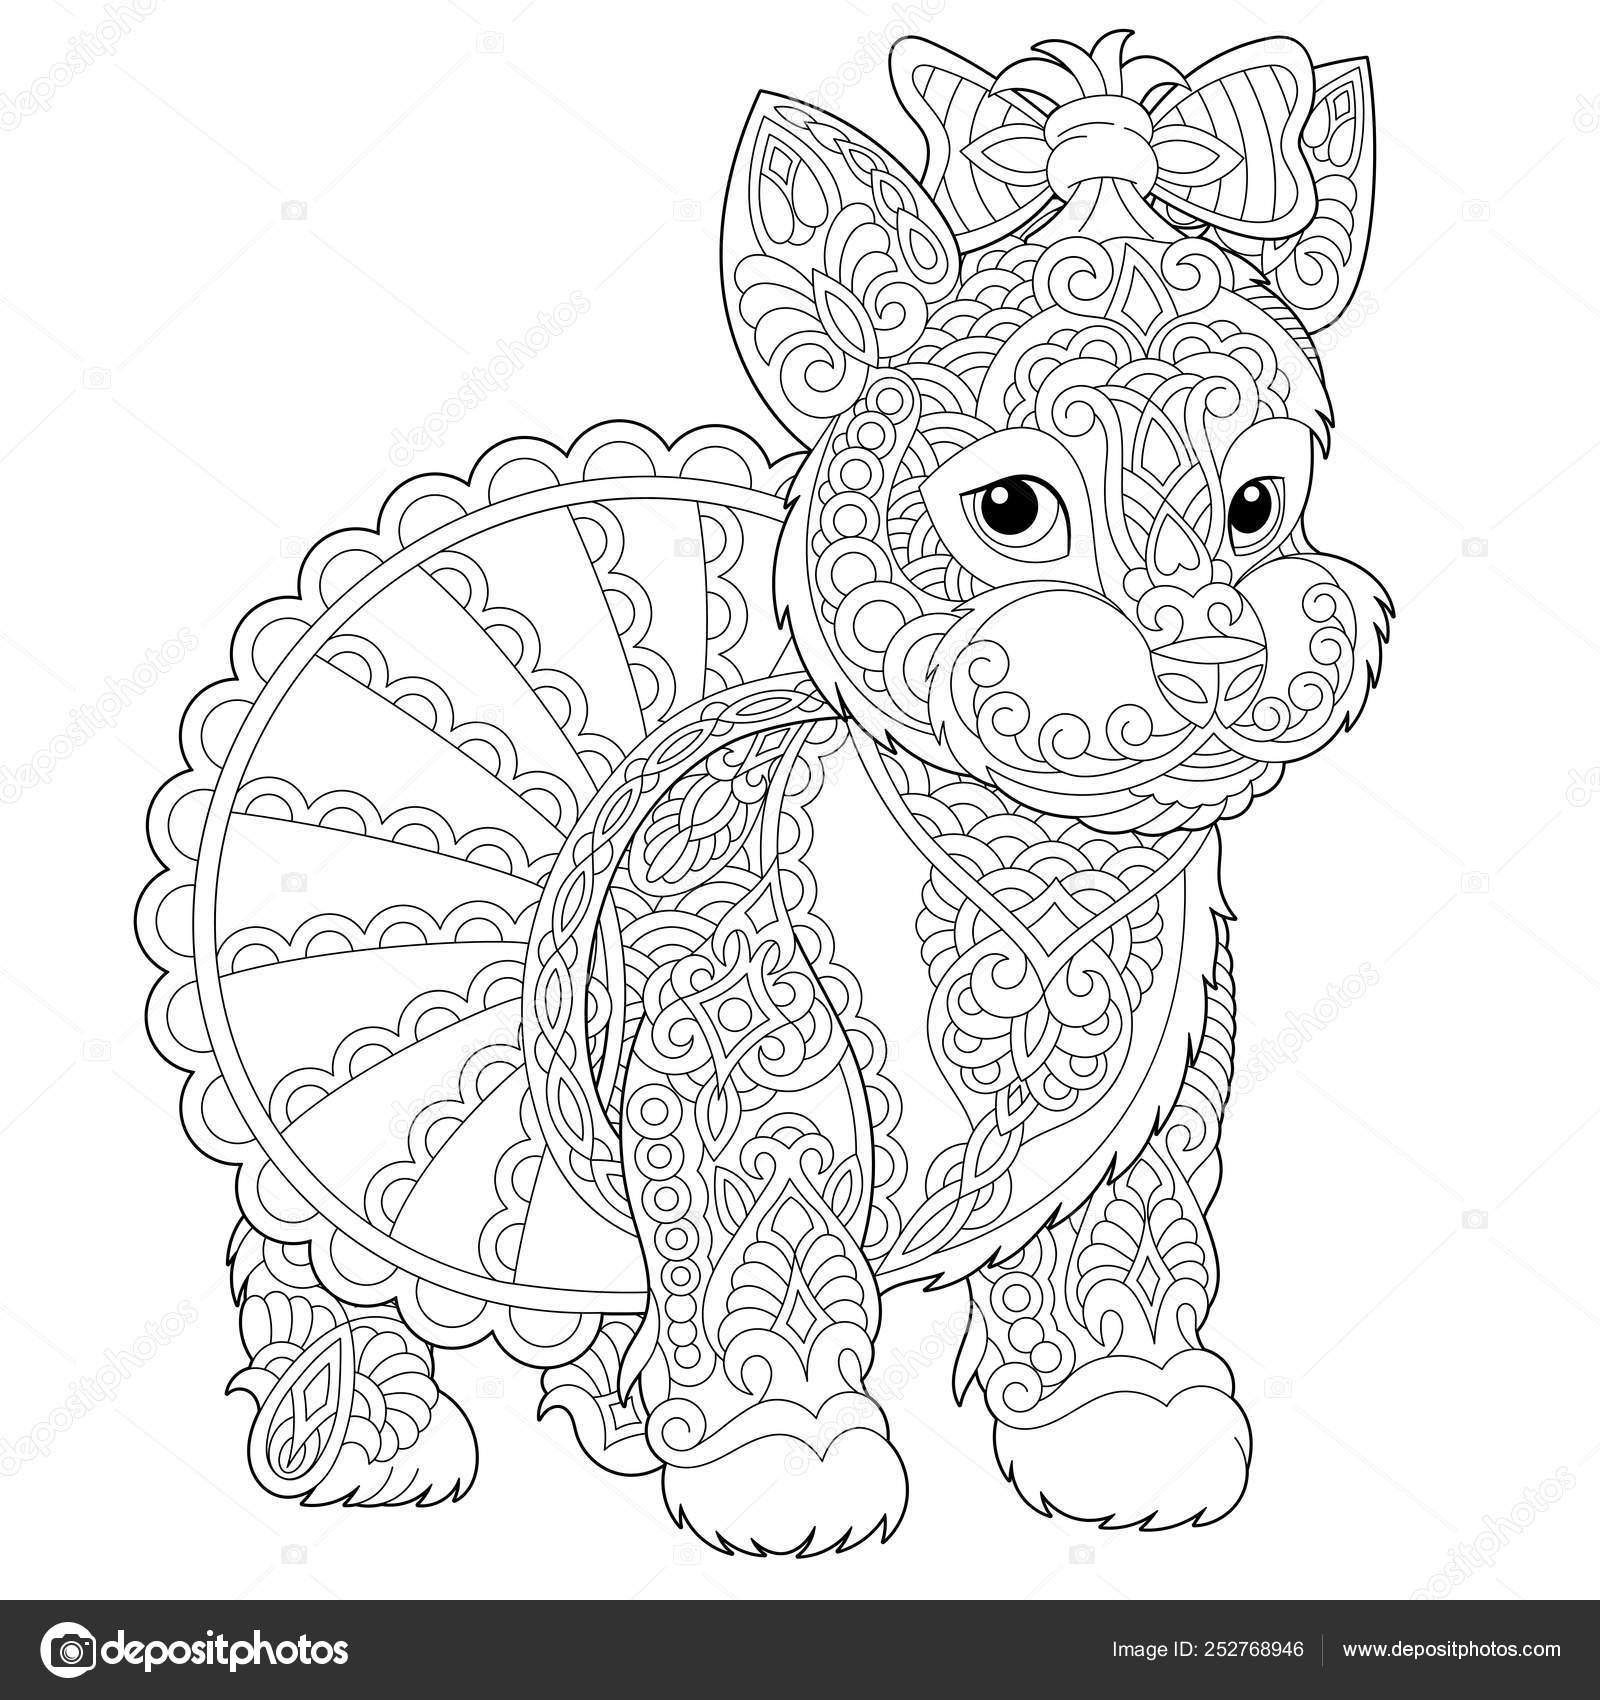 französische bulldogge ausmalbilder  vorlagen zum